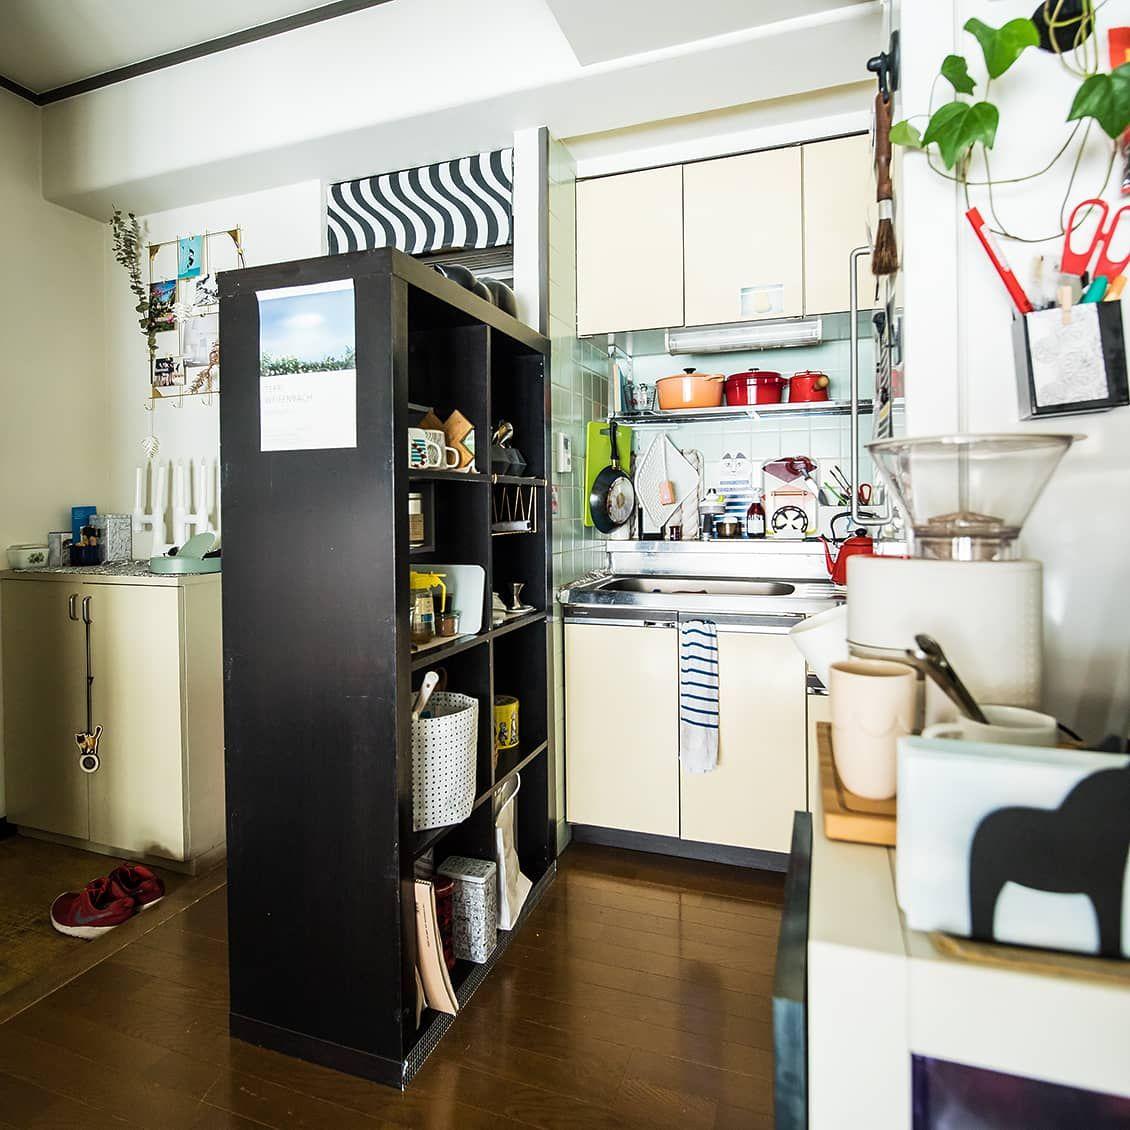 玄関あけたらすぐキッチンの1ldk 区切り がカギ 上手な家具配置の